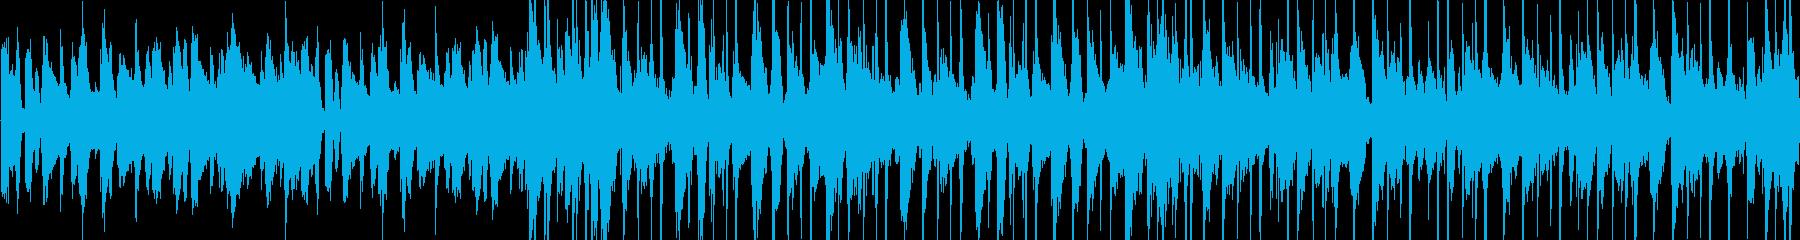 ドラム+ピアノのジャズ風BGMの再生済みの波形